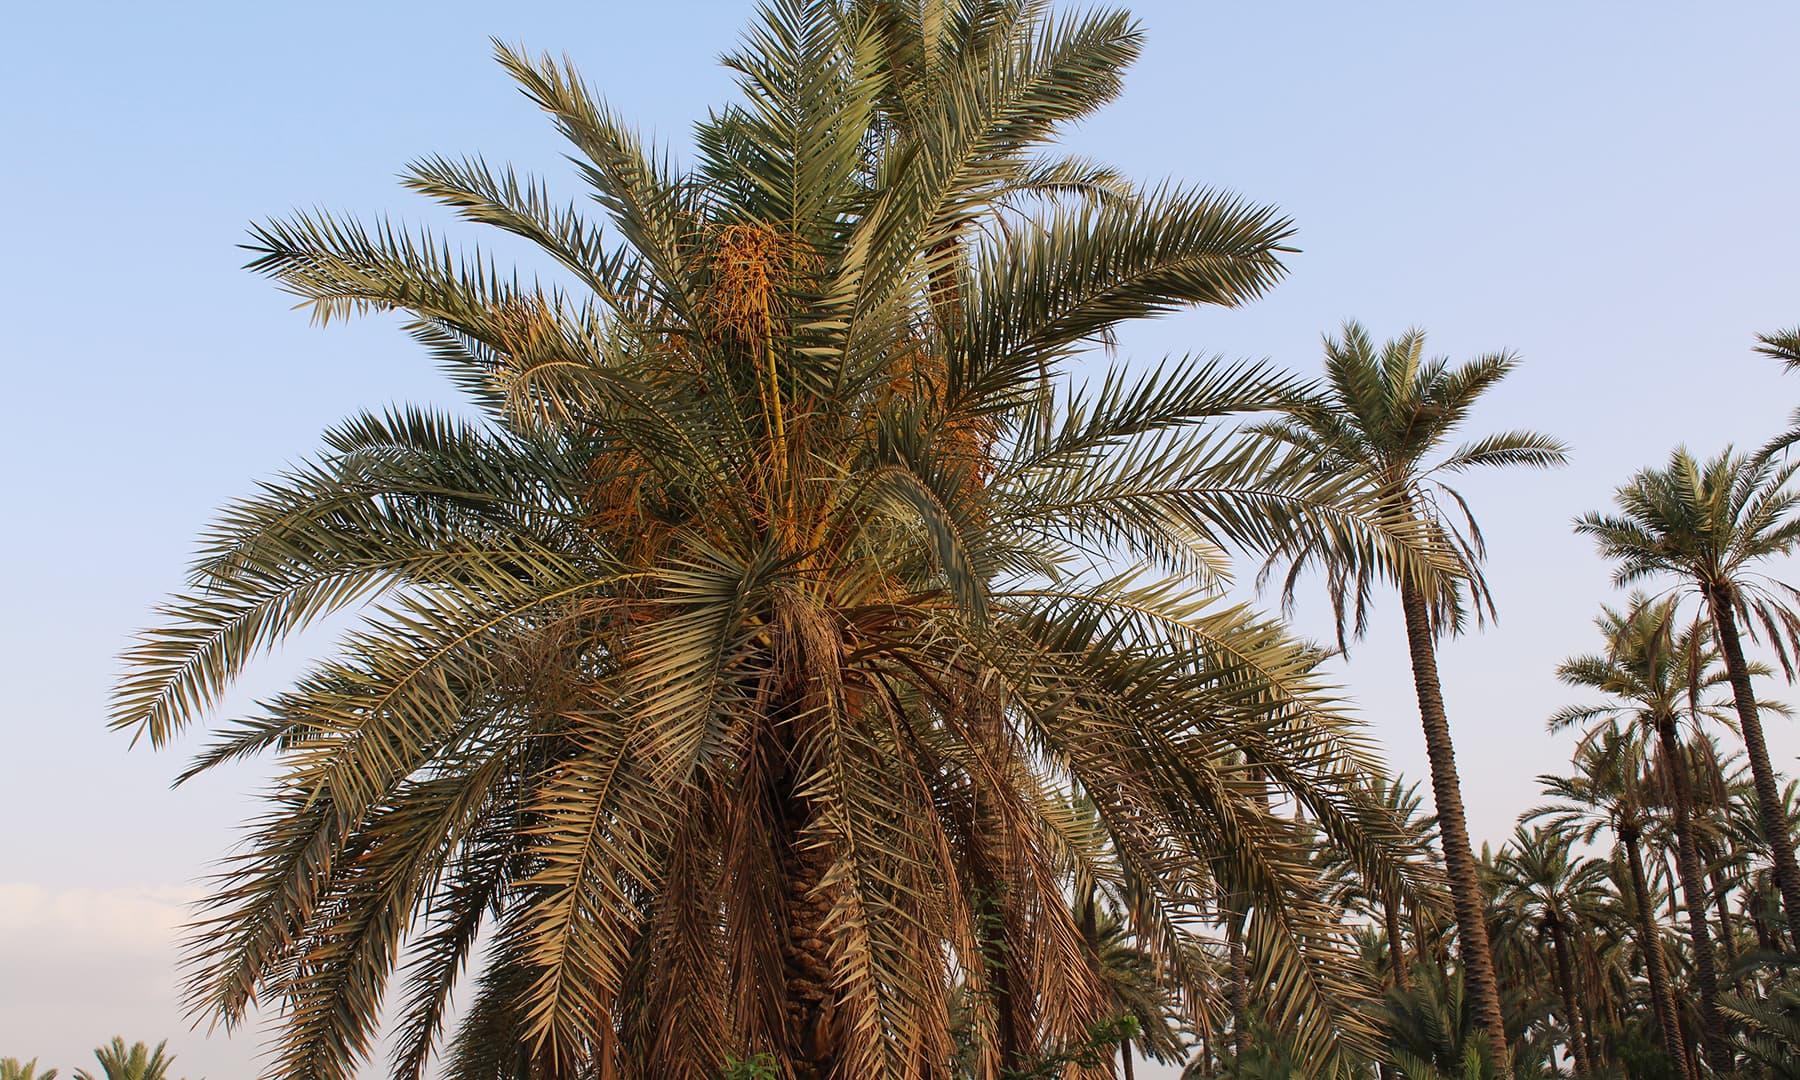 خیرپور میں موجود ایک باغ کا درخت جہاں کھجور کی فصل تیار ہیں — تصویر اختر حفیظ